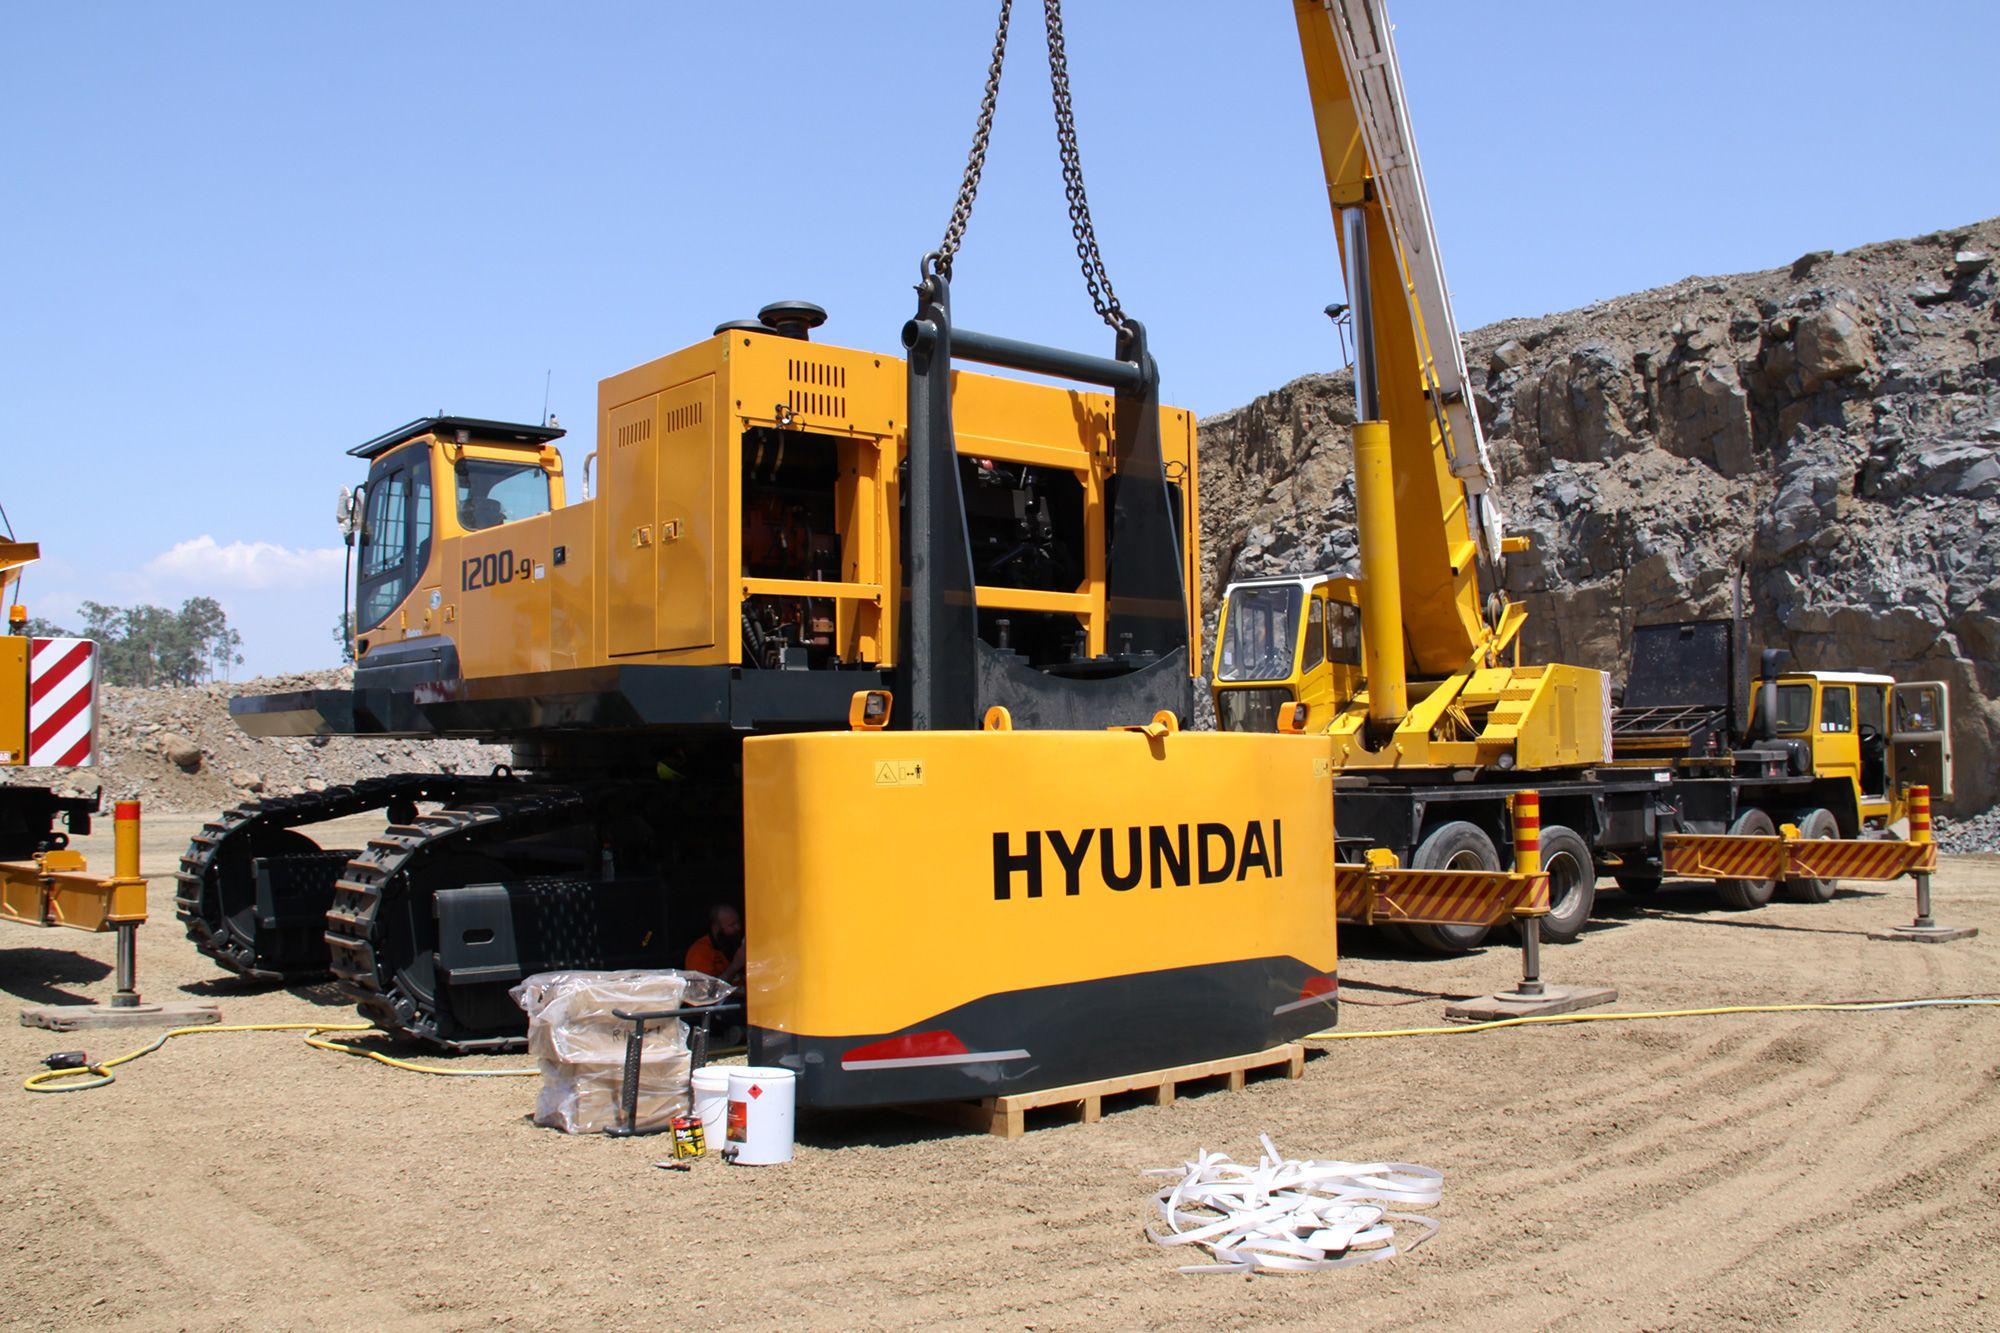 Hyundai Building 120t Excavator